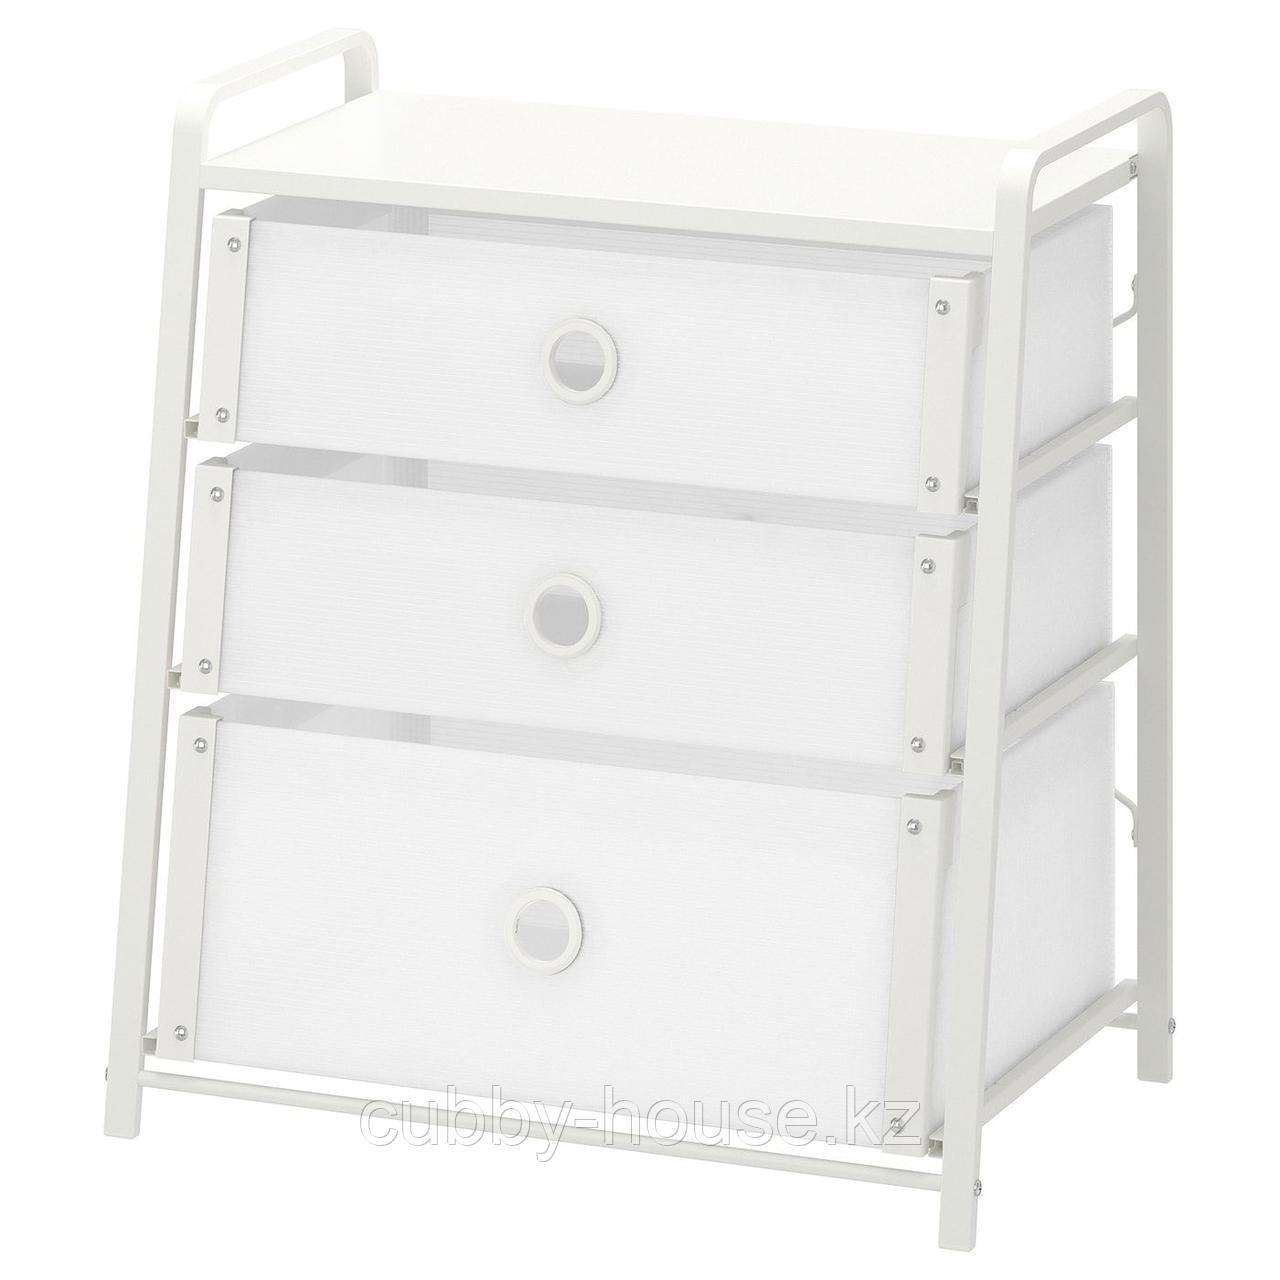 ЛОТЕ Комод с 3 ящиками, белый, 55x62 см